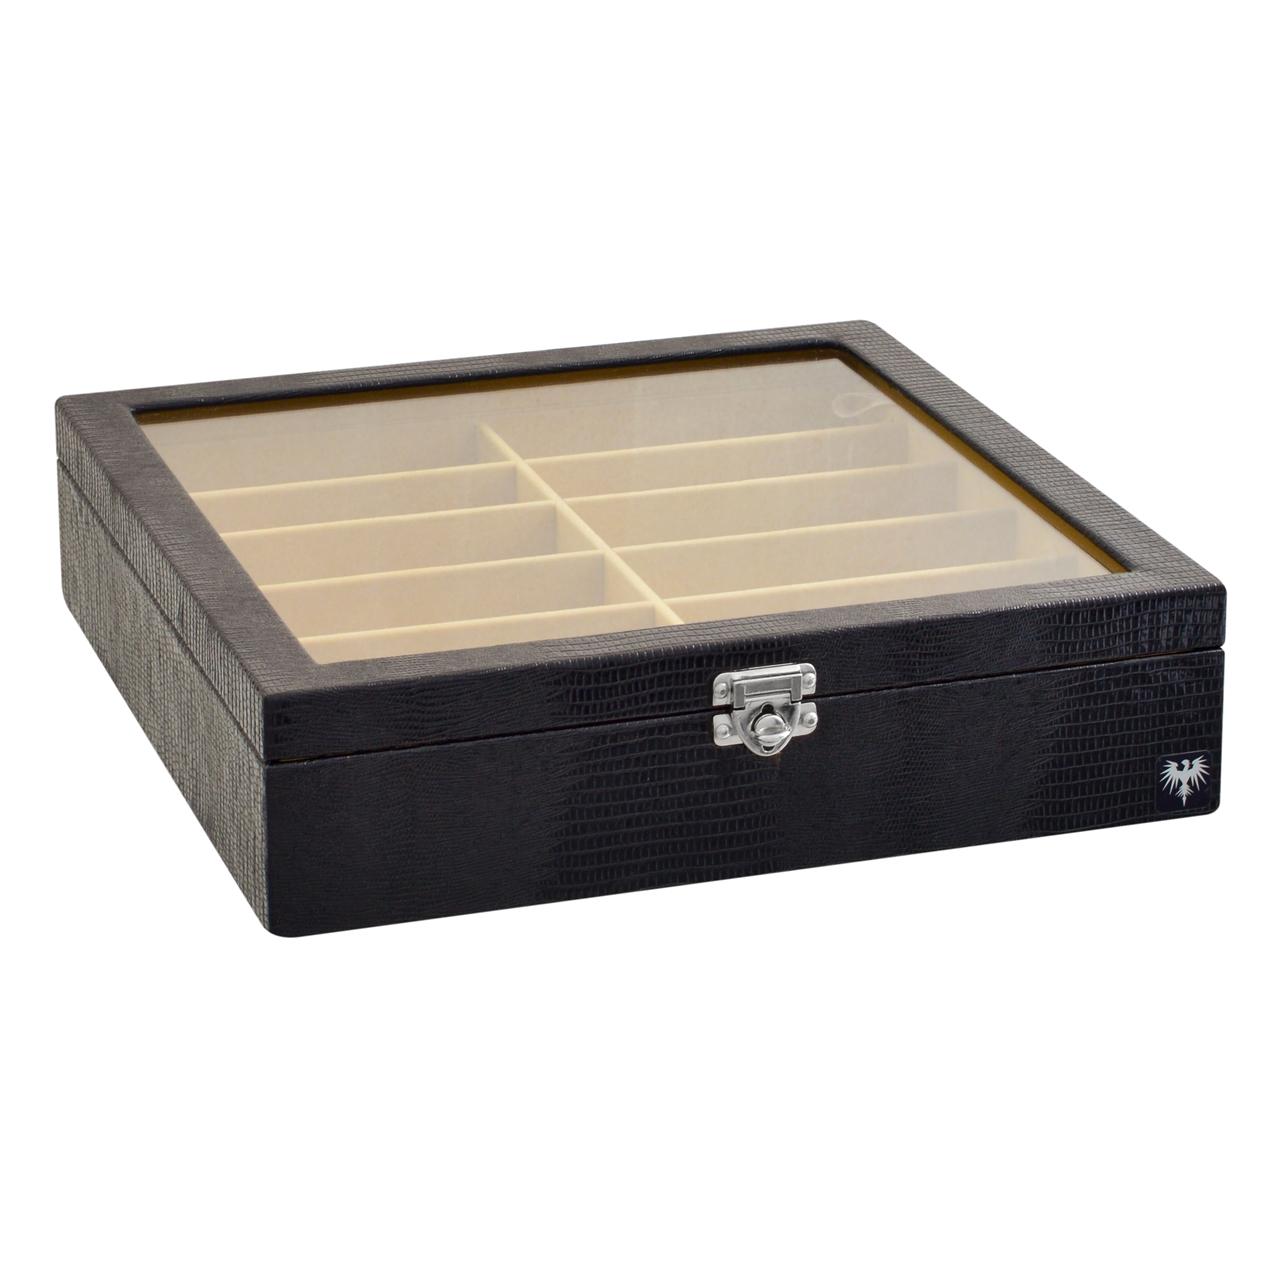 estojo-couro-ecologico-12-oculos-preto-bege-porta-caixa-imagem-12.jpg